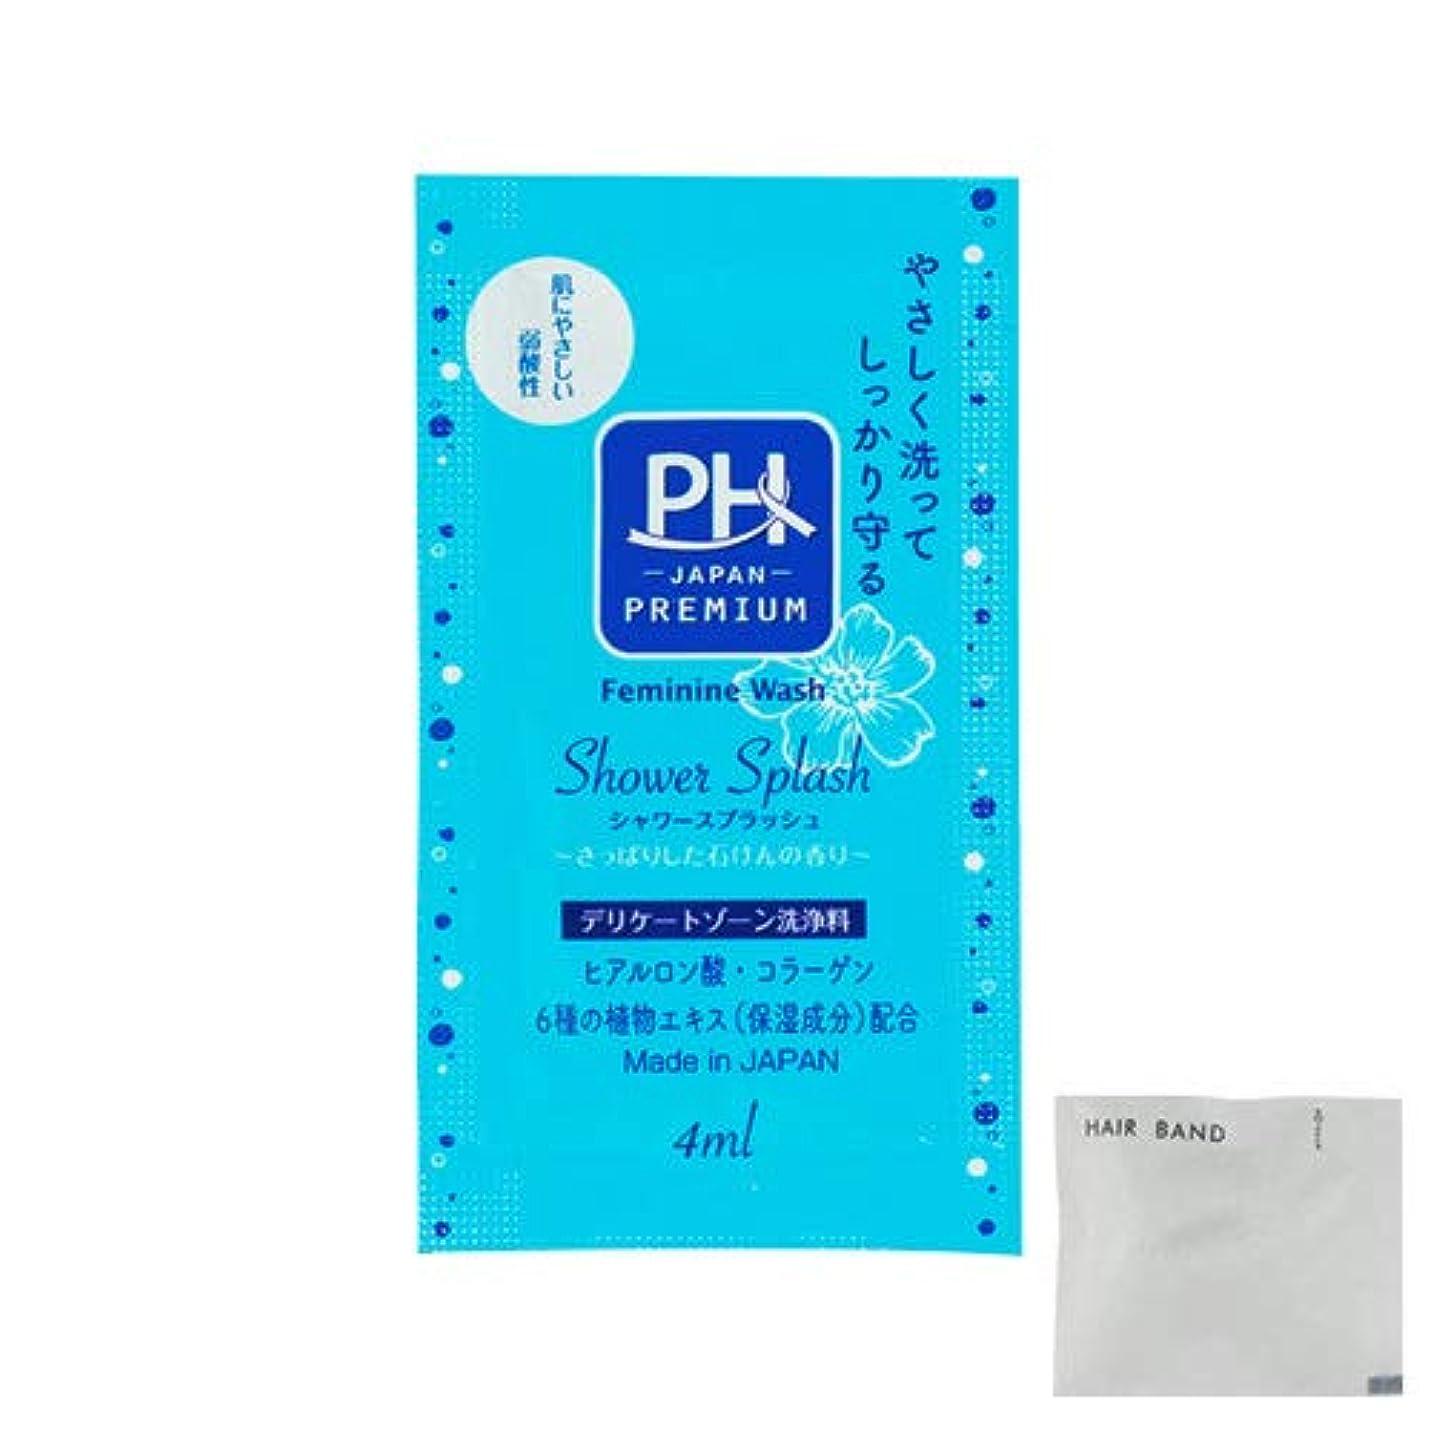 差別死過度のPH JAPAN プレミアム フェミニンウォッシュ シャワースプラッシュ 4mL(お試し用)×20個 + ヘアゴム(カラーはおまかせ)セット